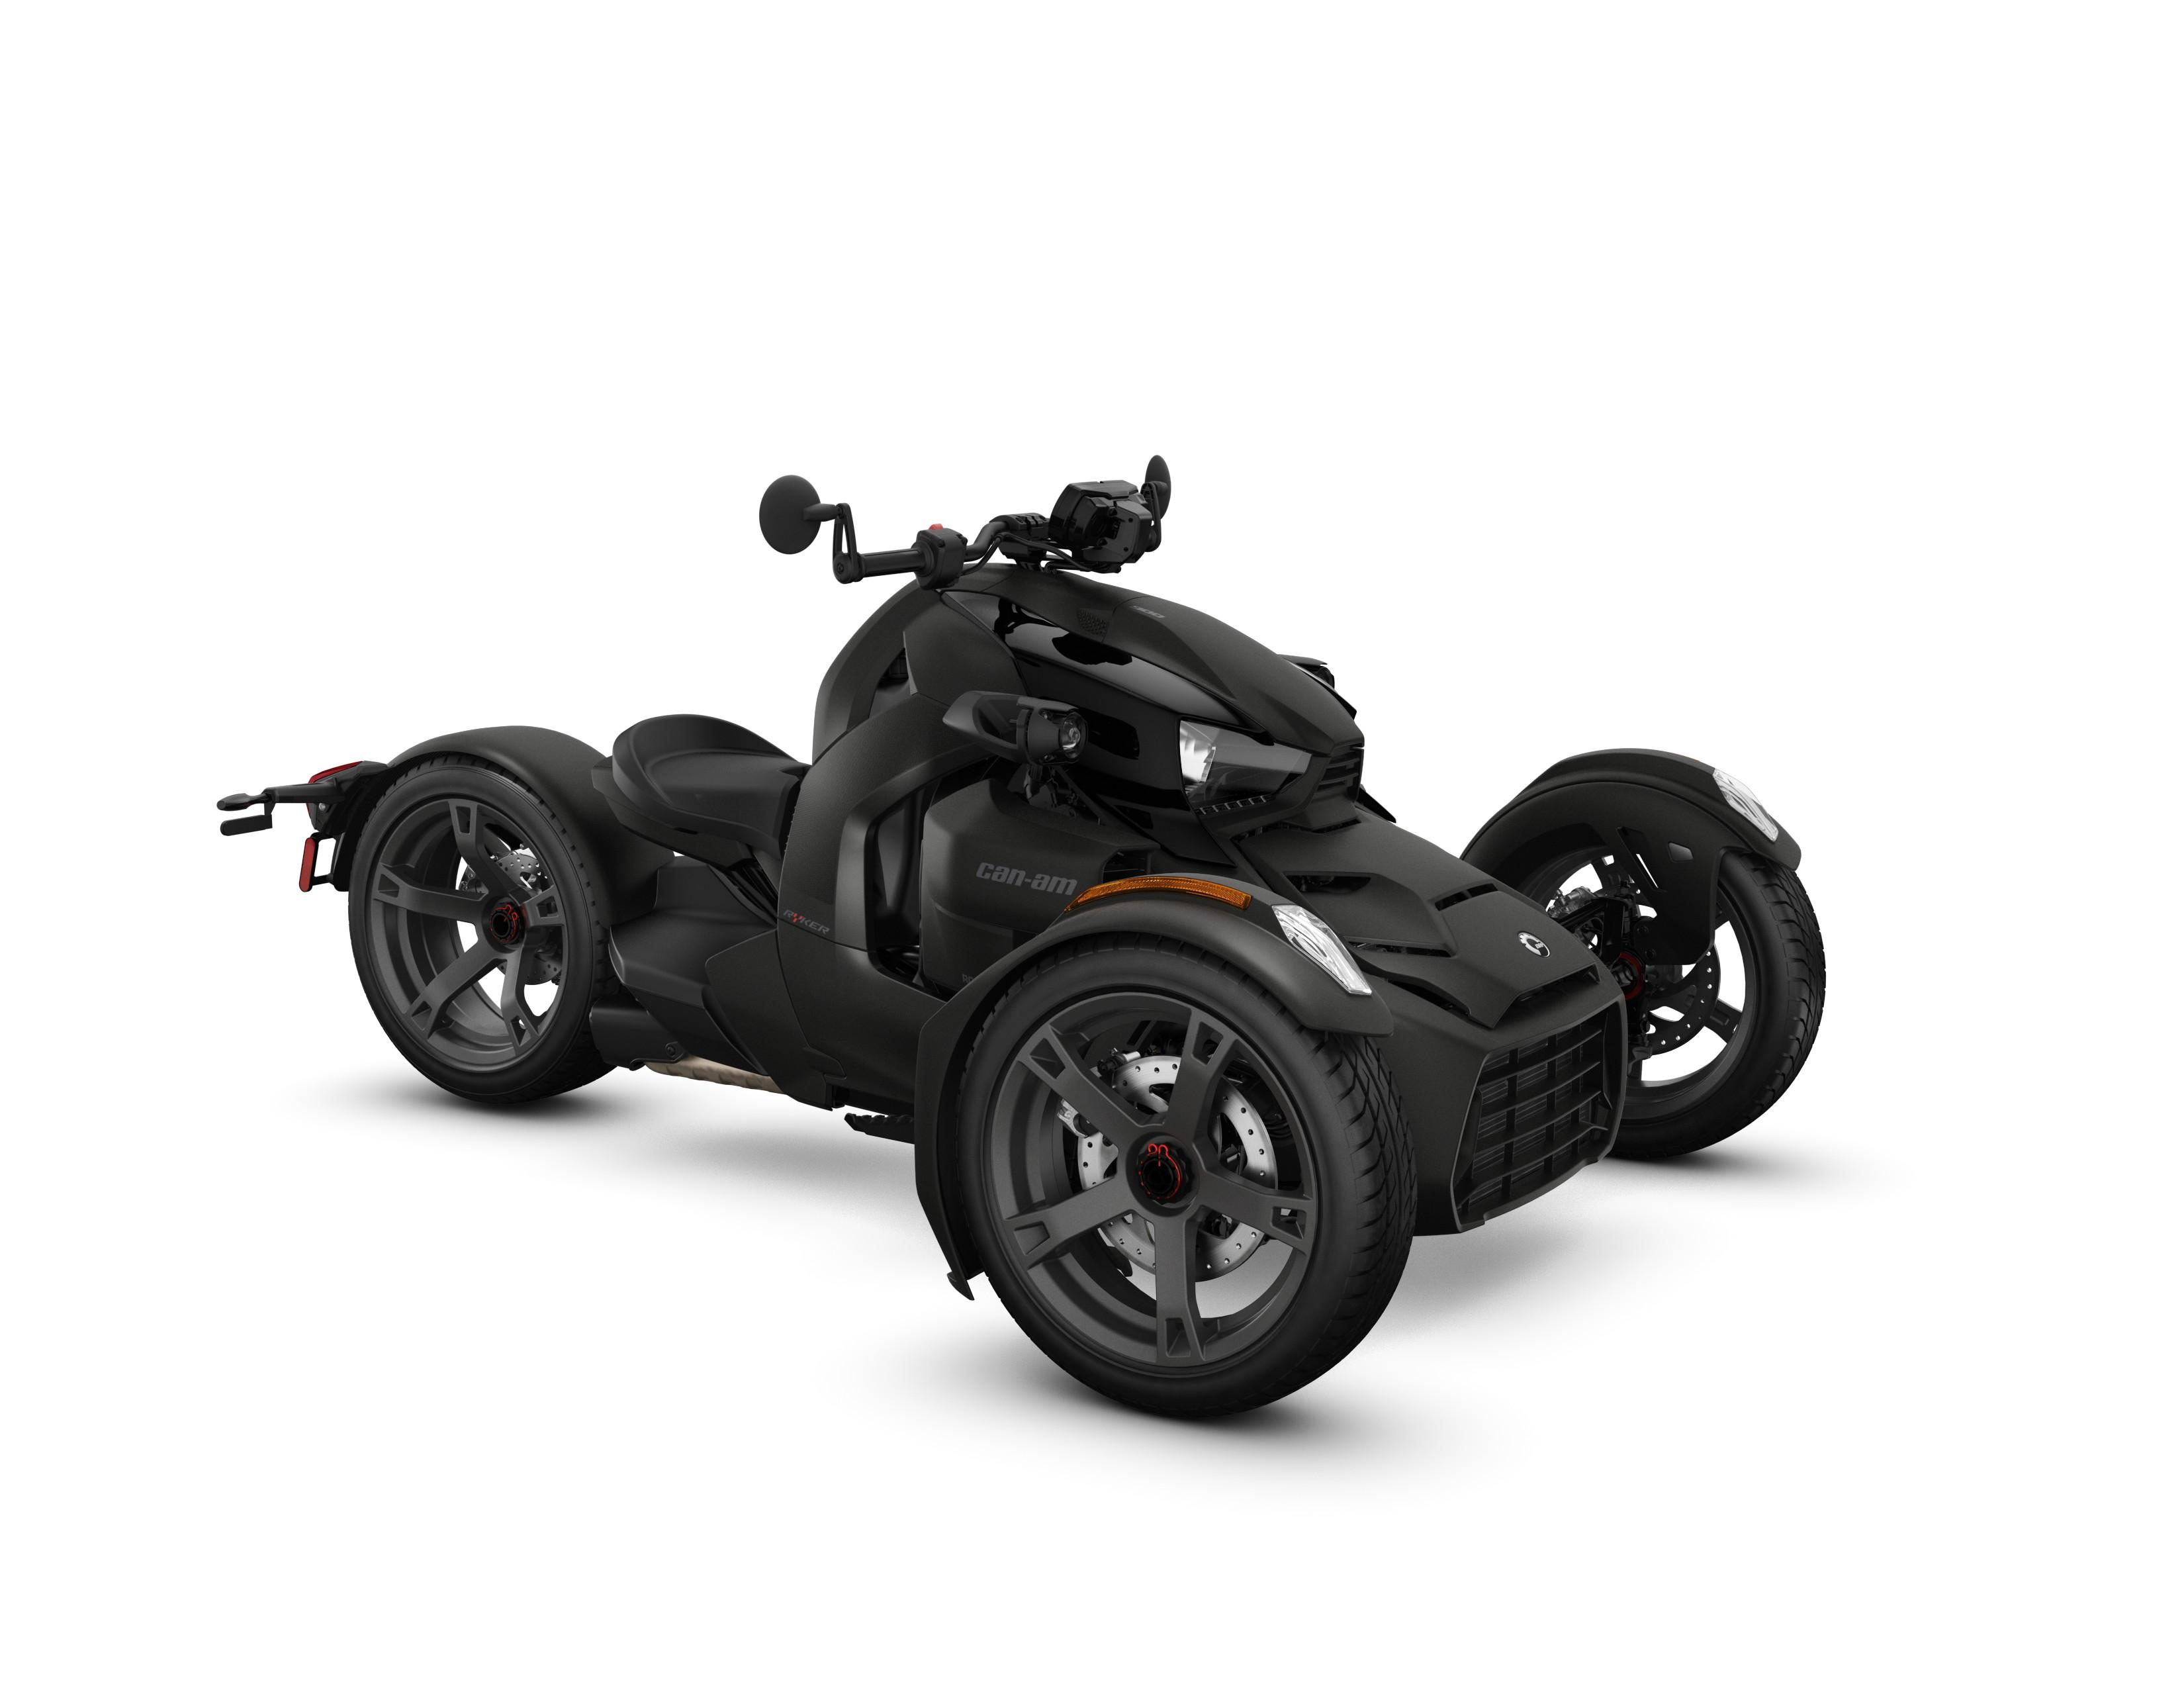 ryker 600 ace 2019 can am brp concession de quads le touquet roasters spyder motomarine. Black Bedroom Furniture Sets. Home Design Ideas